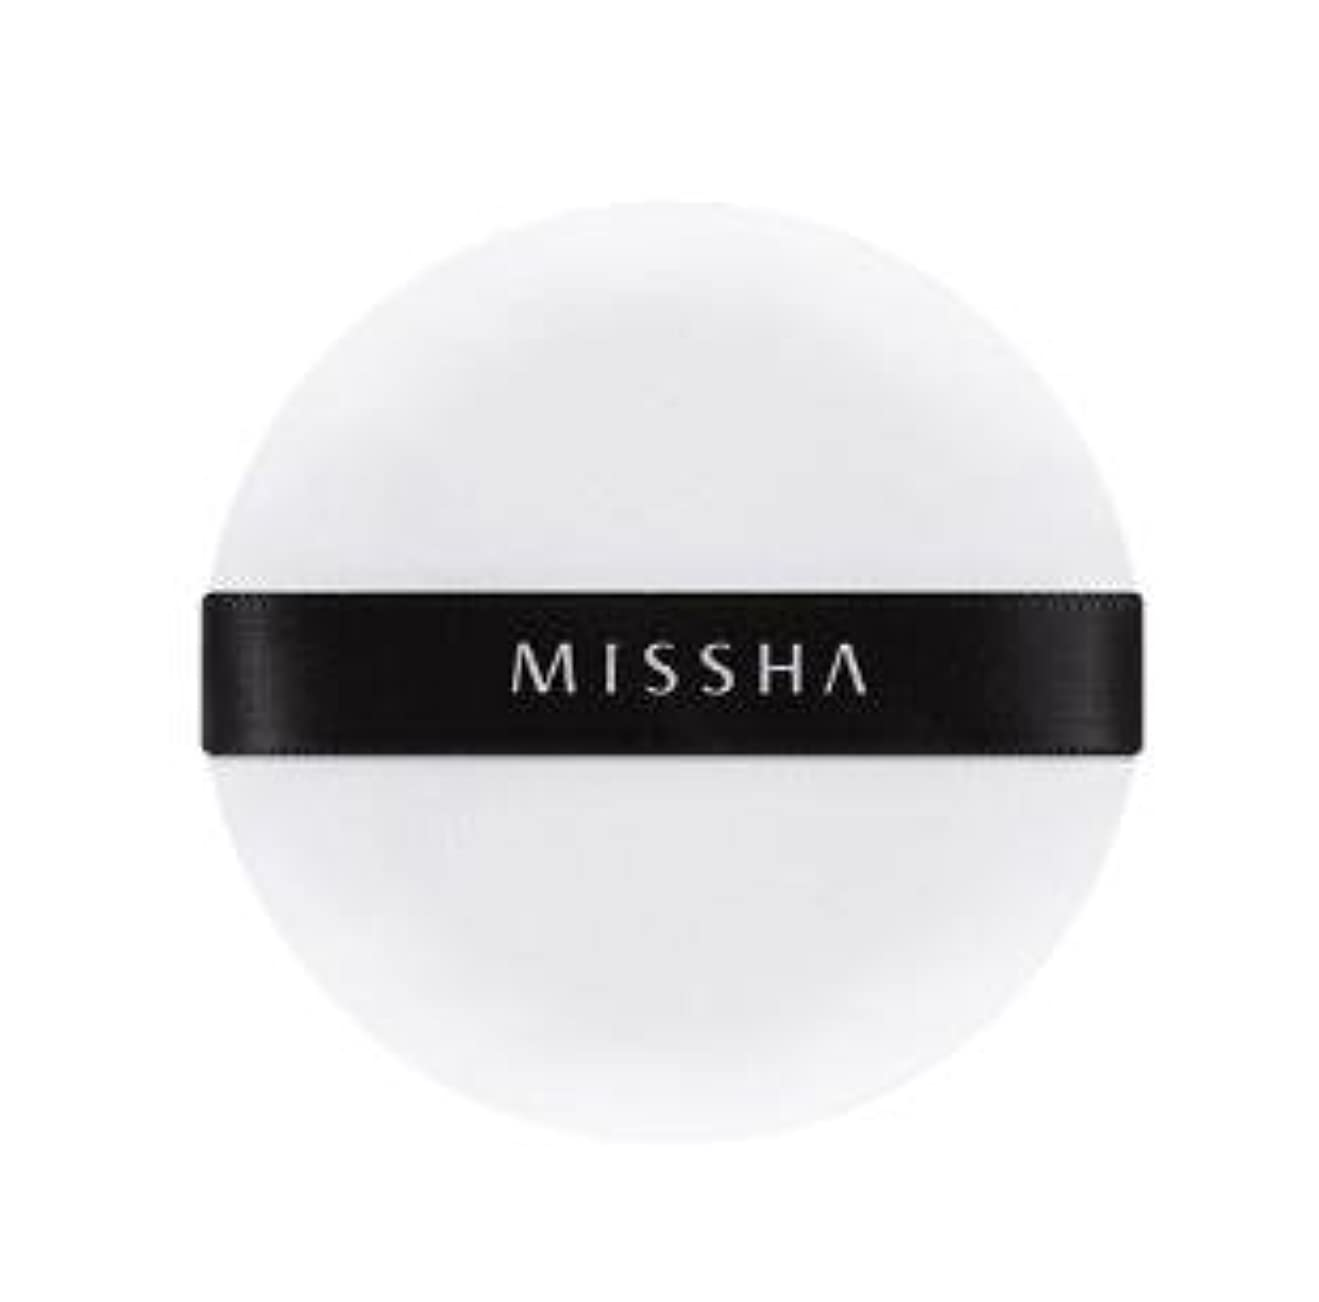 カスケードナプキン電卓MISSHA Powder Puff ミシャパウダーパフ [並行輸入品]